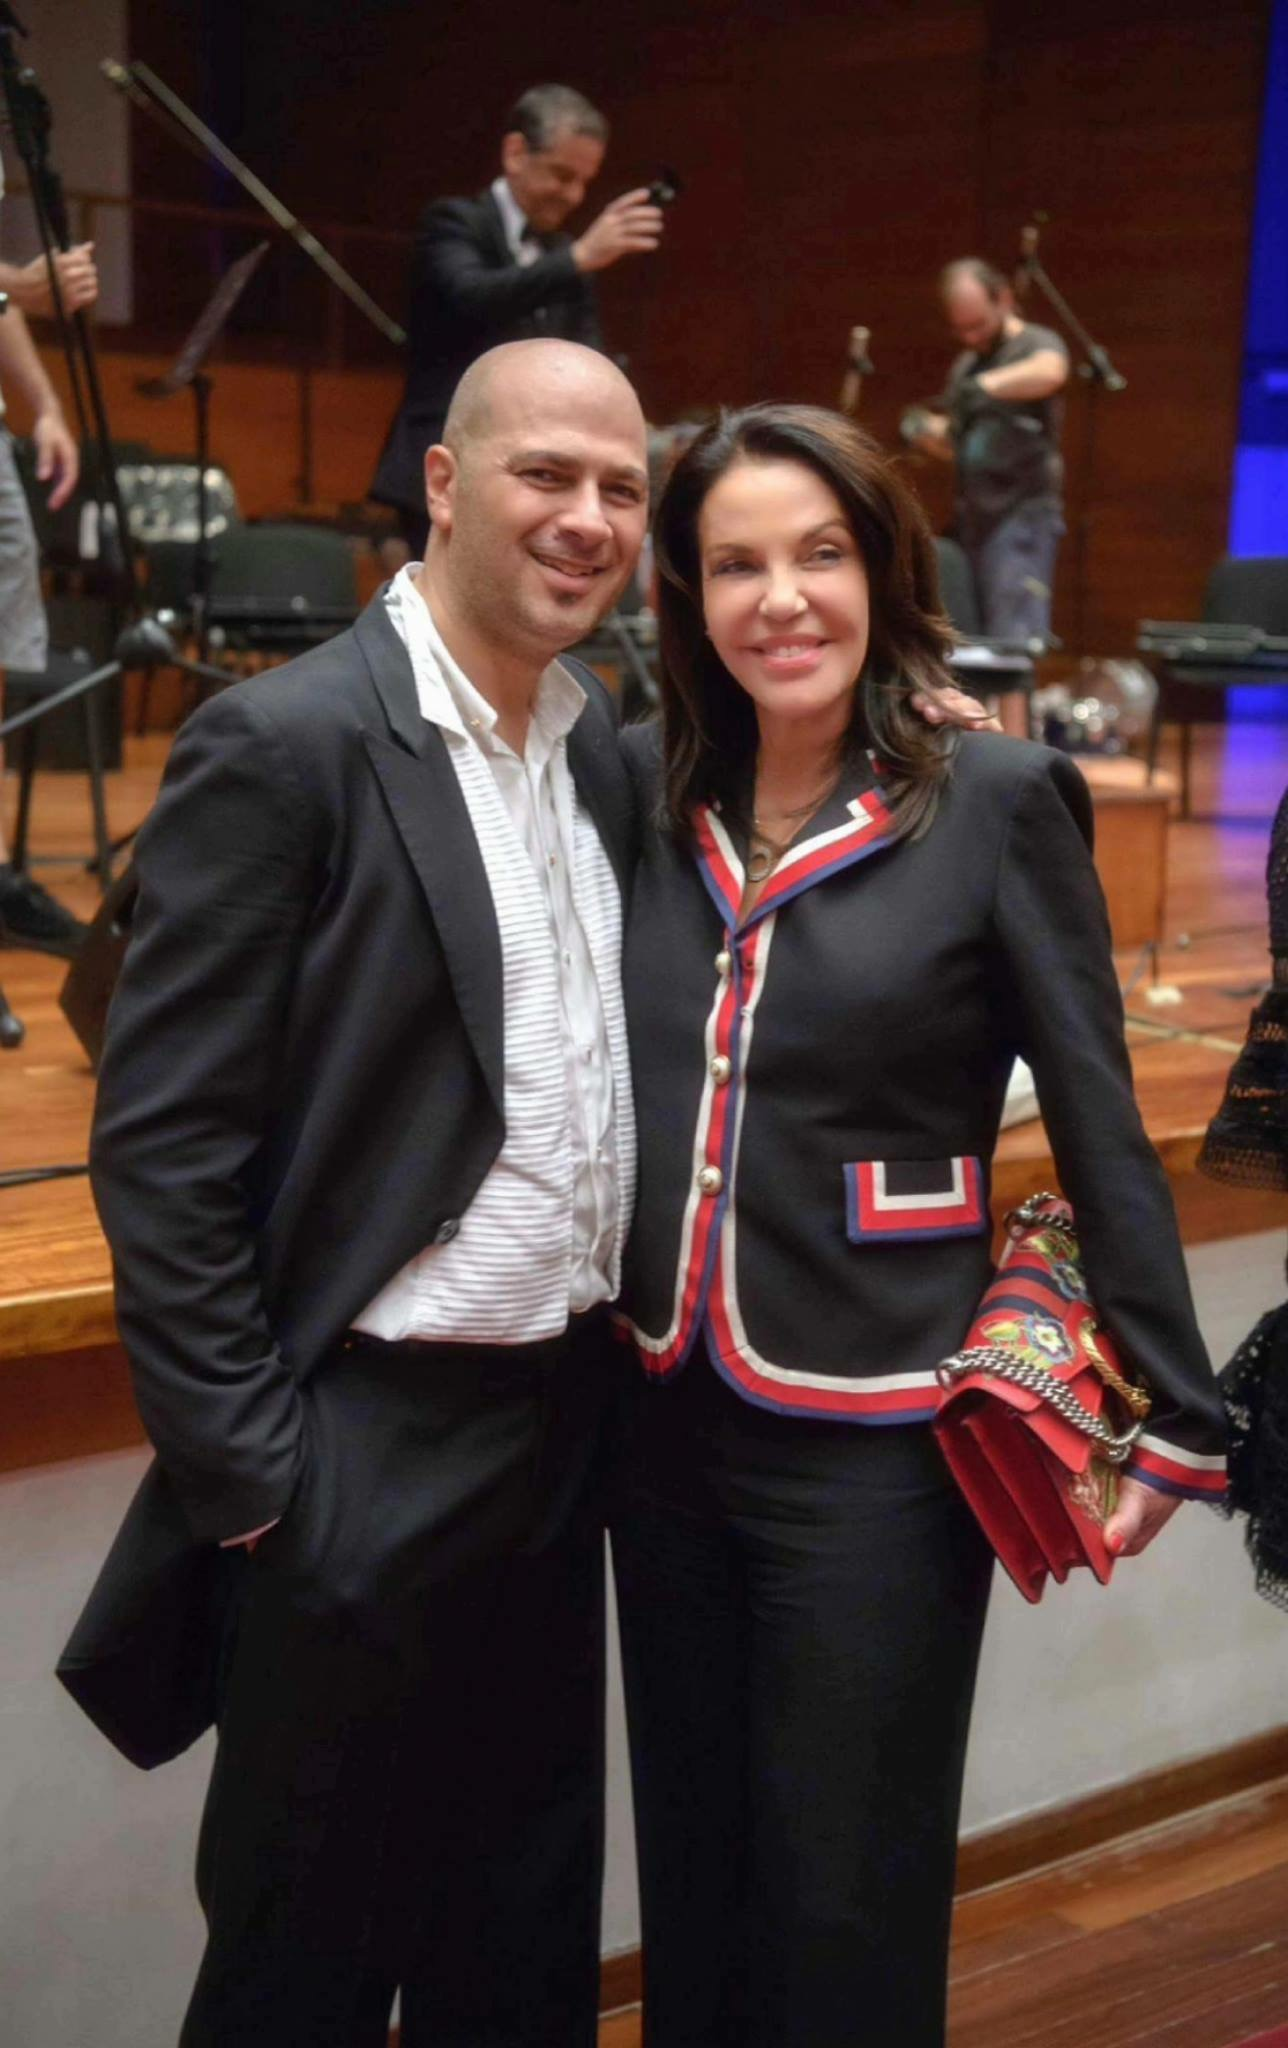 Hadjiloizou & Panagopoulos